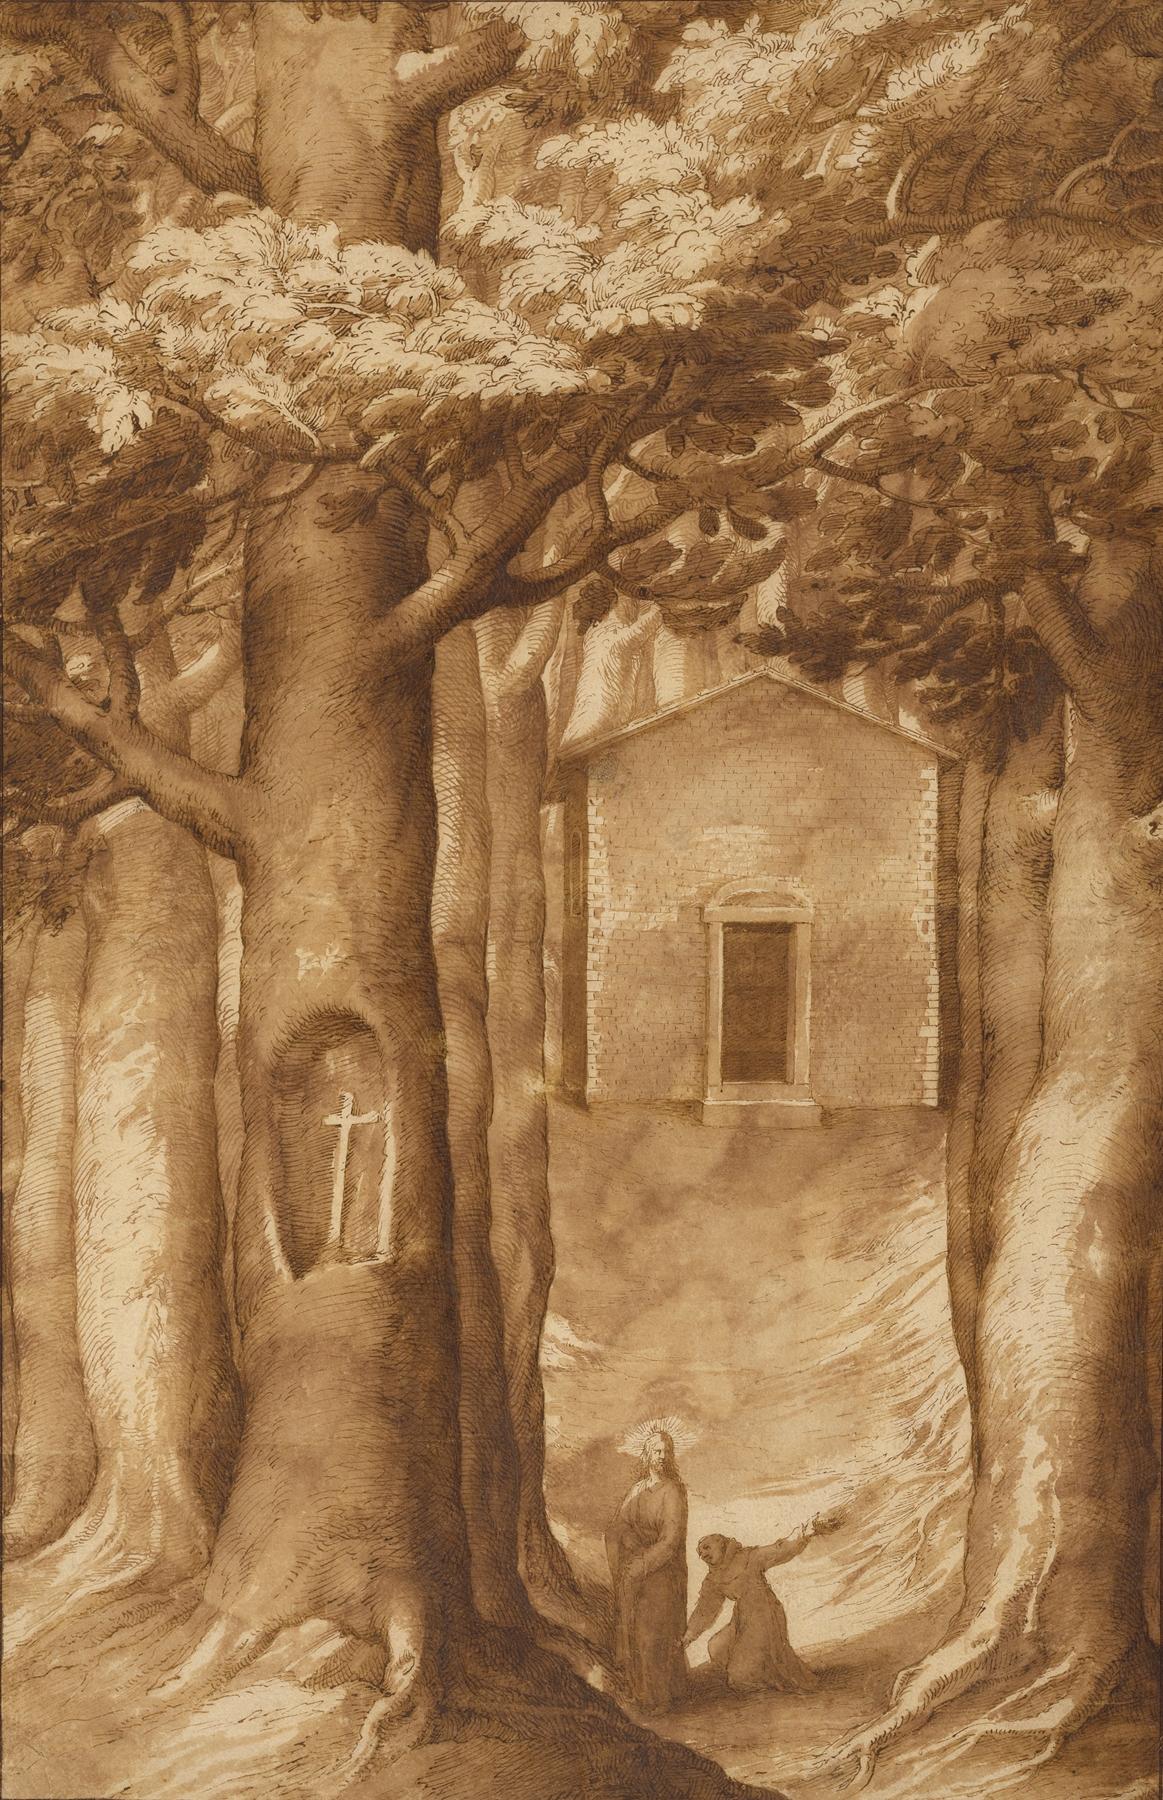 Jacopo Ligozzi - La Verna; The Chapel of the Blessed Giovanni della Verna